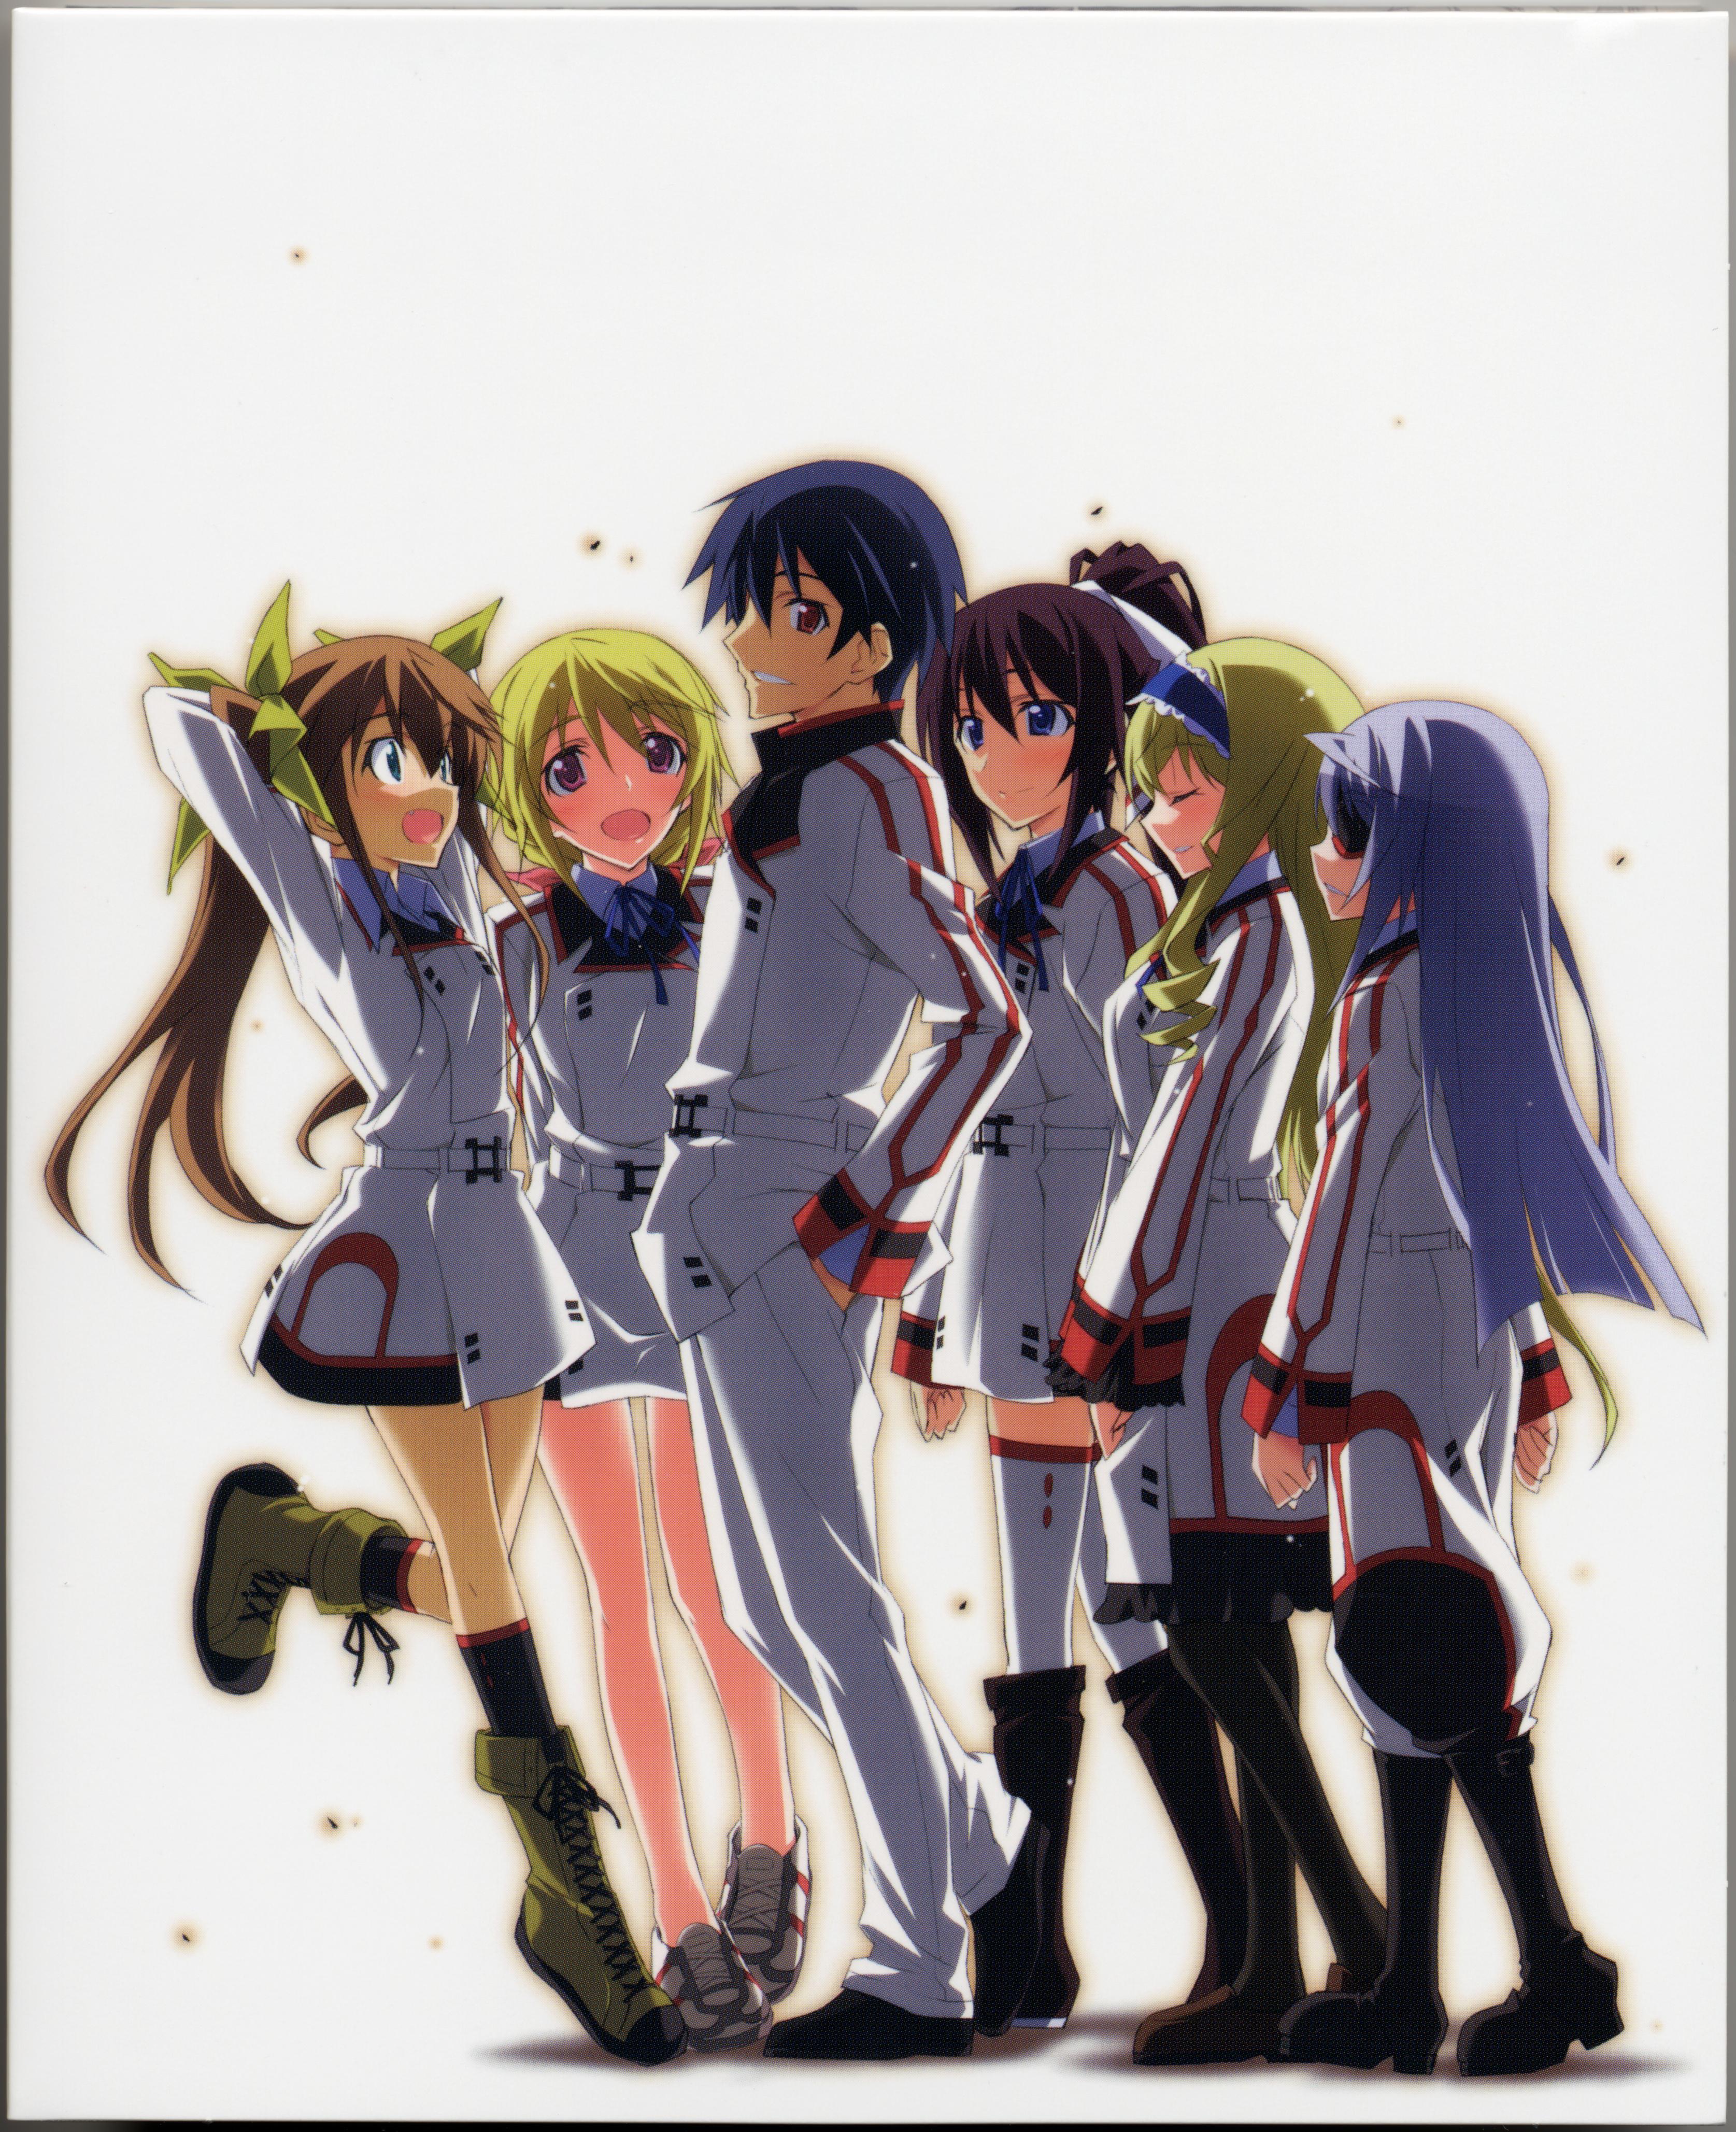 Tags Anime Kurashima Tomoyasu 8 Bit Studio Infinite Stratos